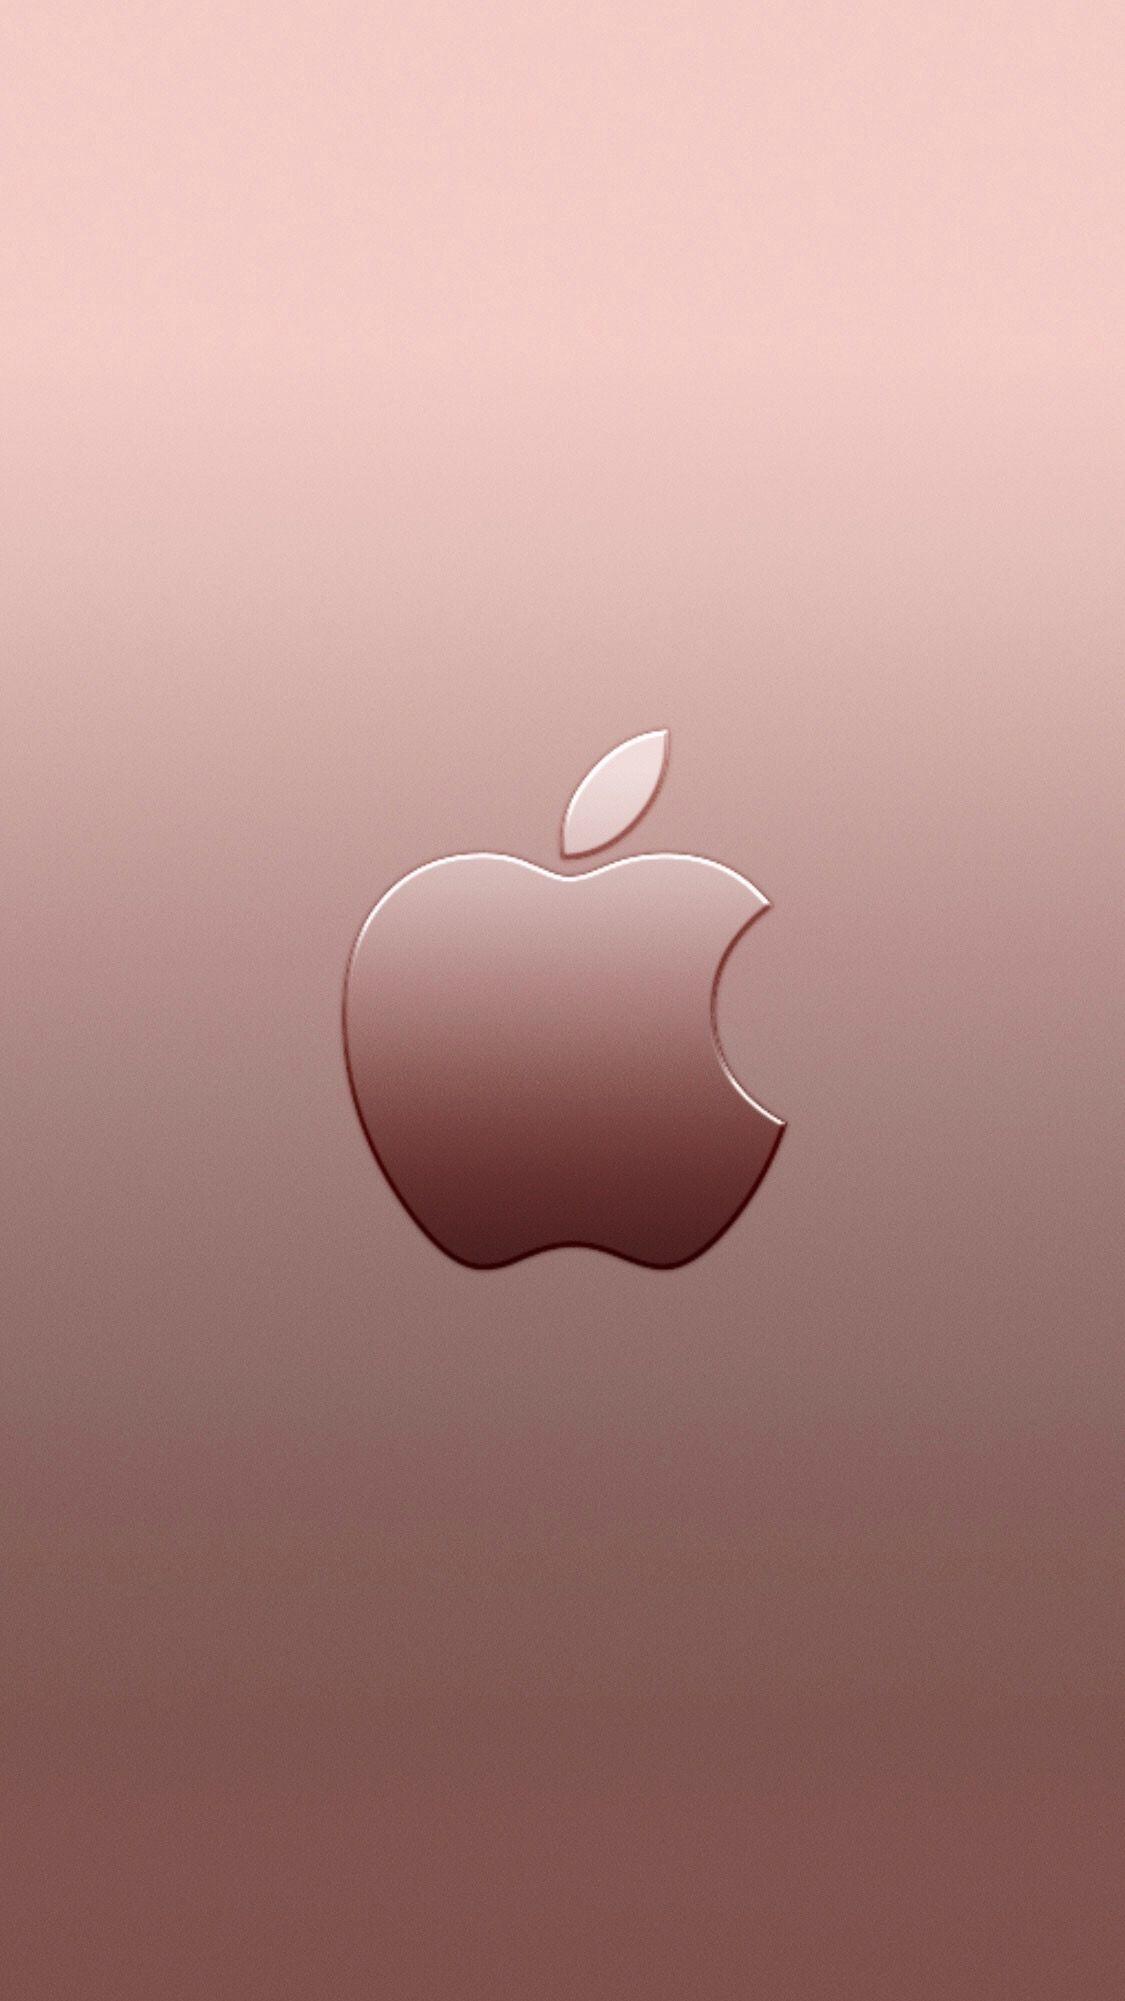 3 Applewallpaperiphone 3 Apple Logo Wallpaper Iphone Apple Wallpaper Iphone Apple Wallpaper